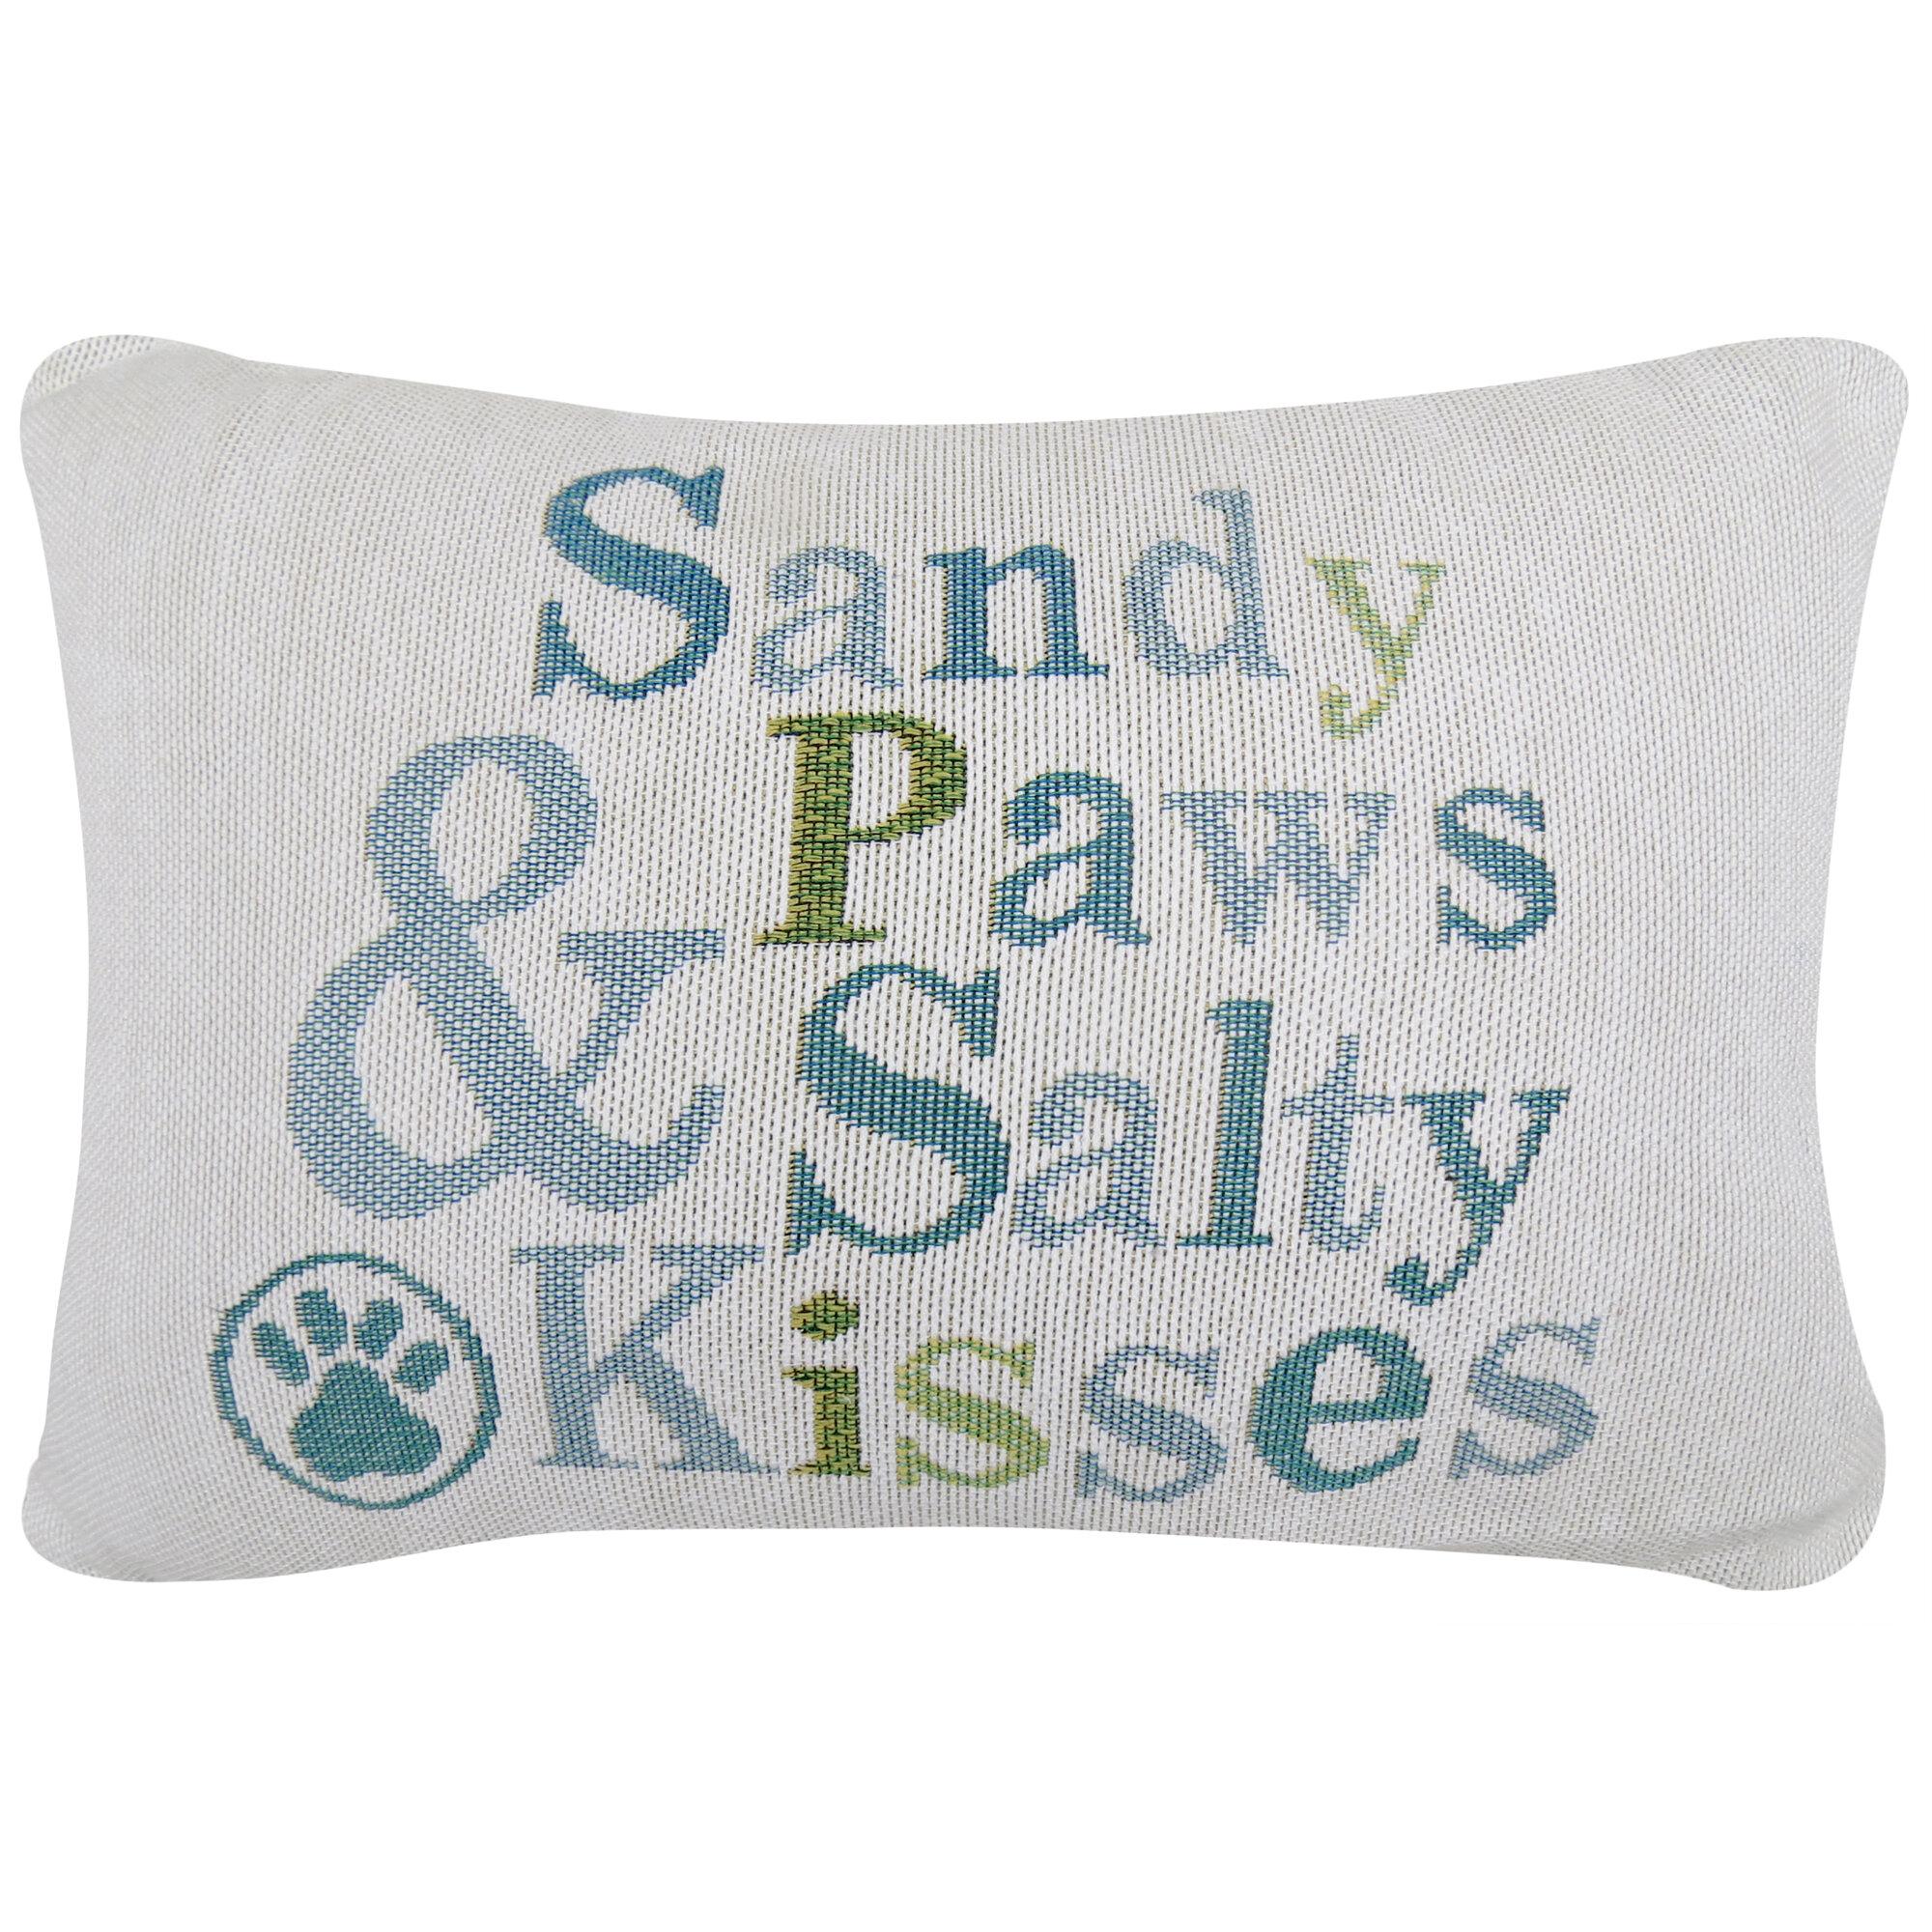 Park B Smith Ltd Sandy Paws And Salty Kisses Tapestry Decorative Lumbar  Pillow U0026 Reviews | Wayfair